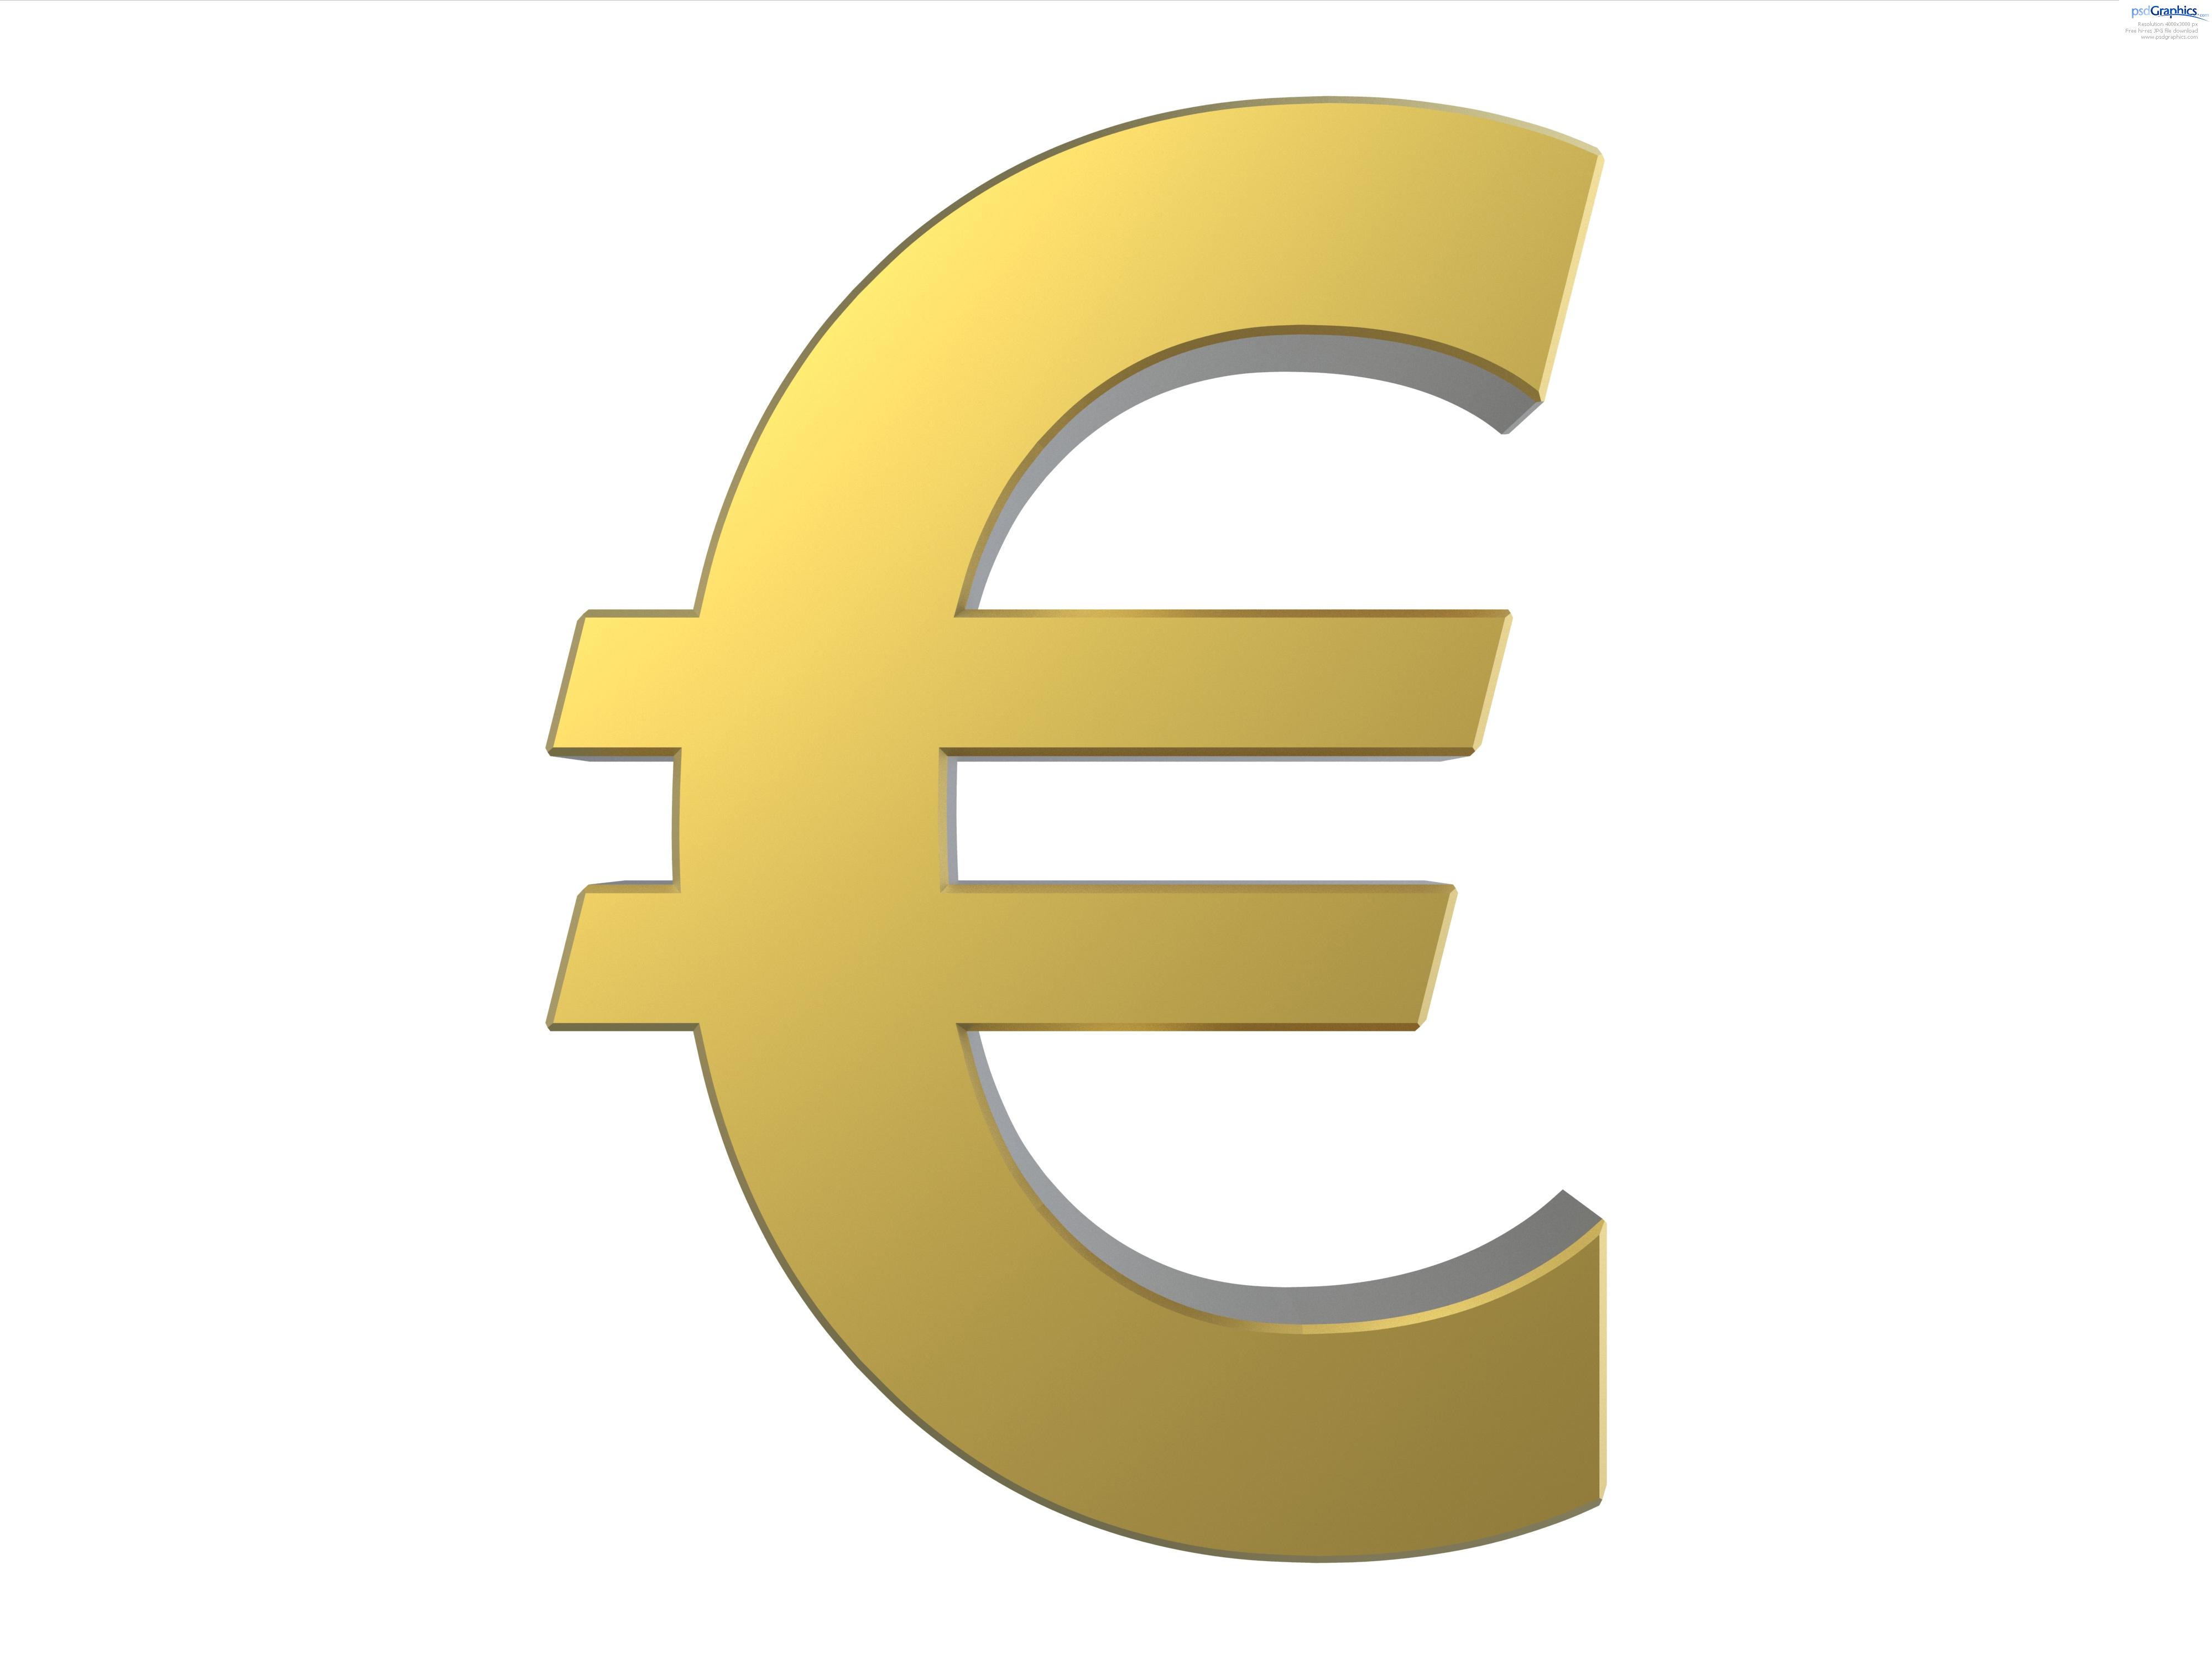 التحديثات على ازواج اليورو بعد حديث ماريو دراجي